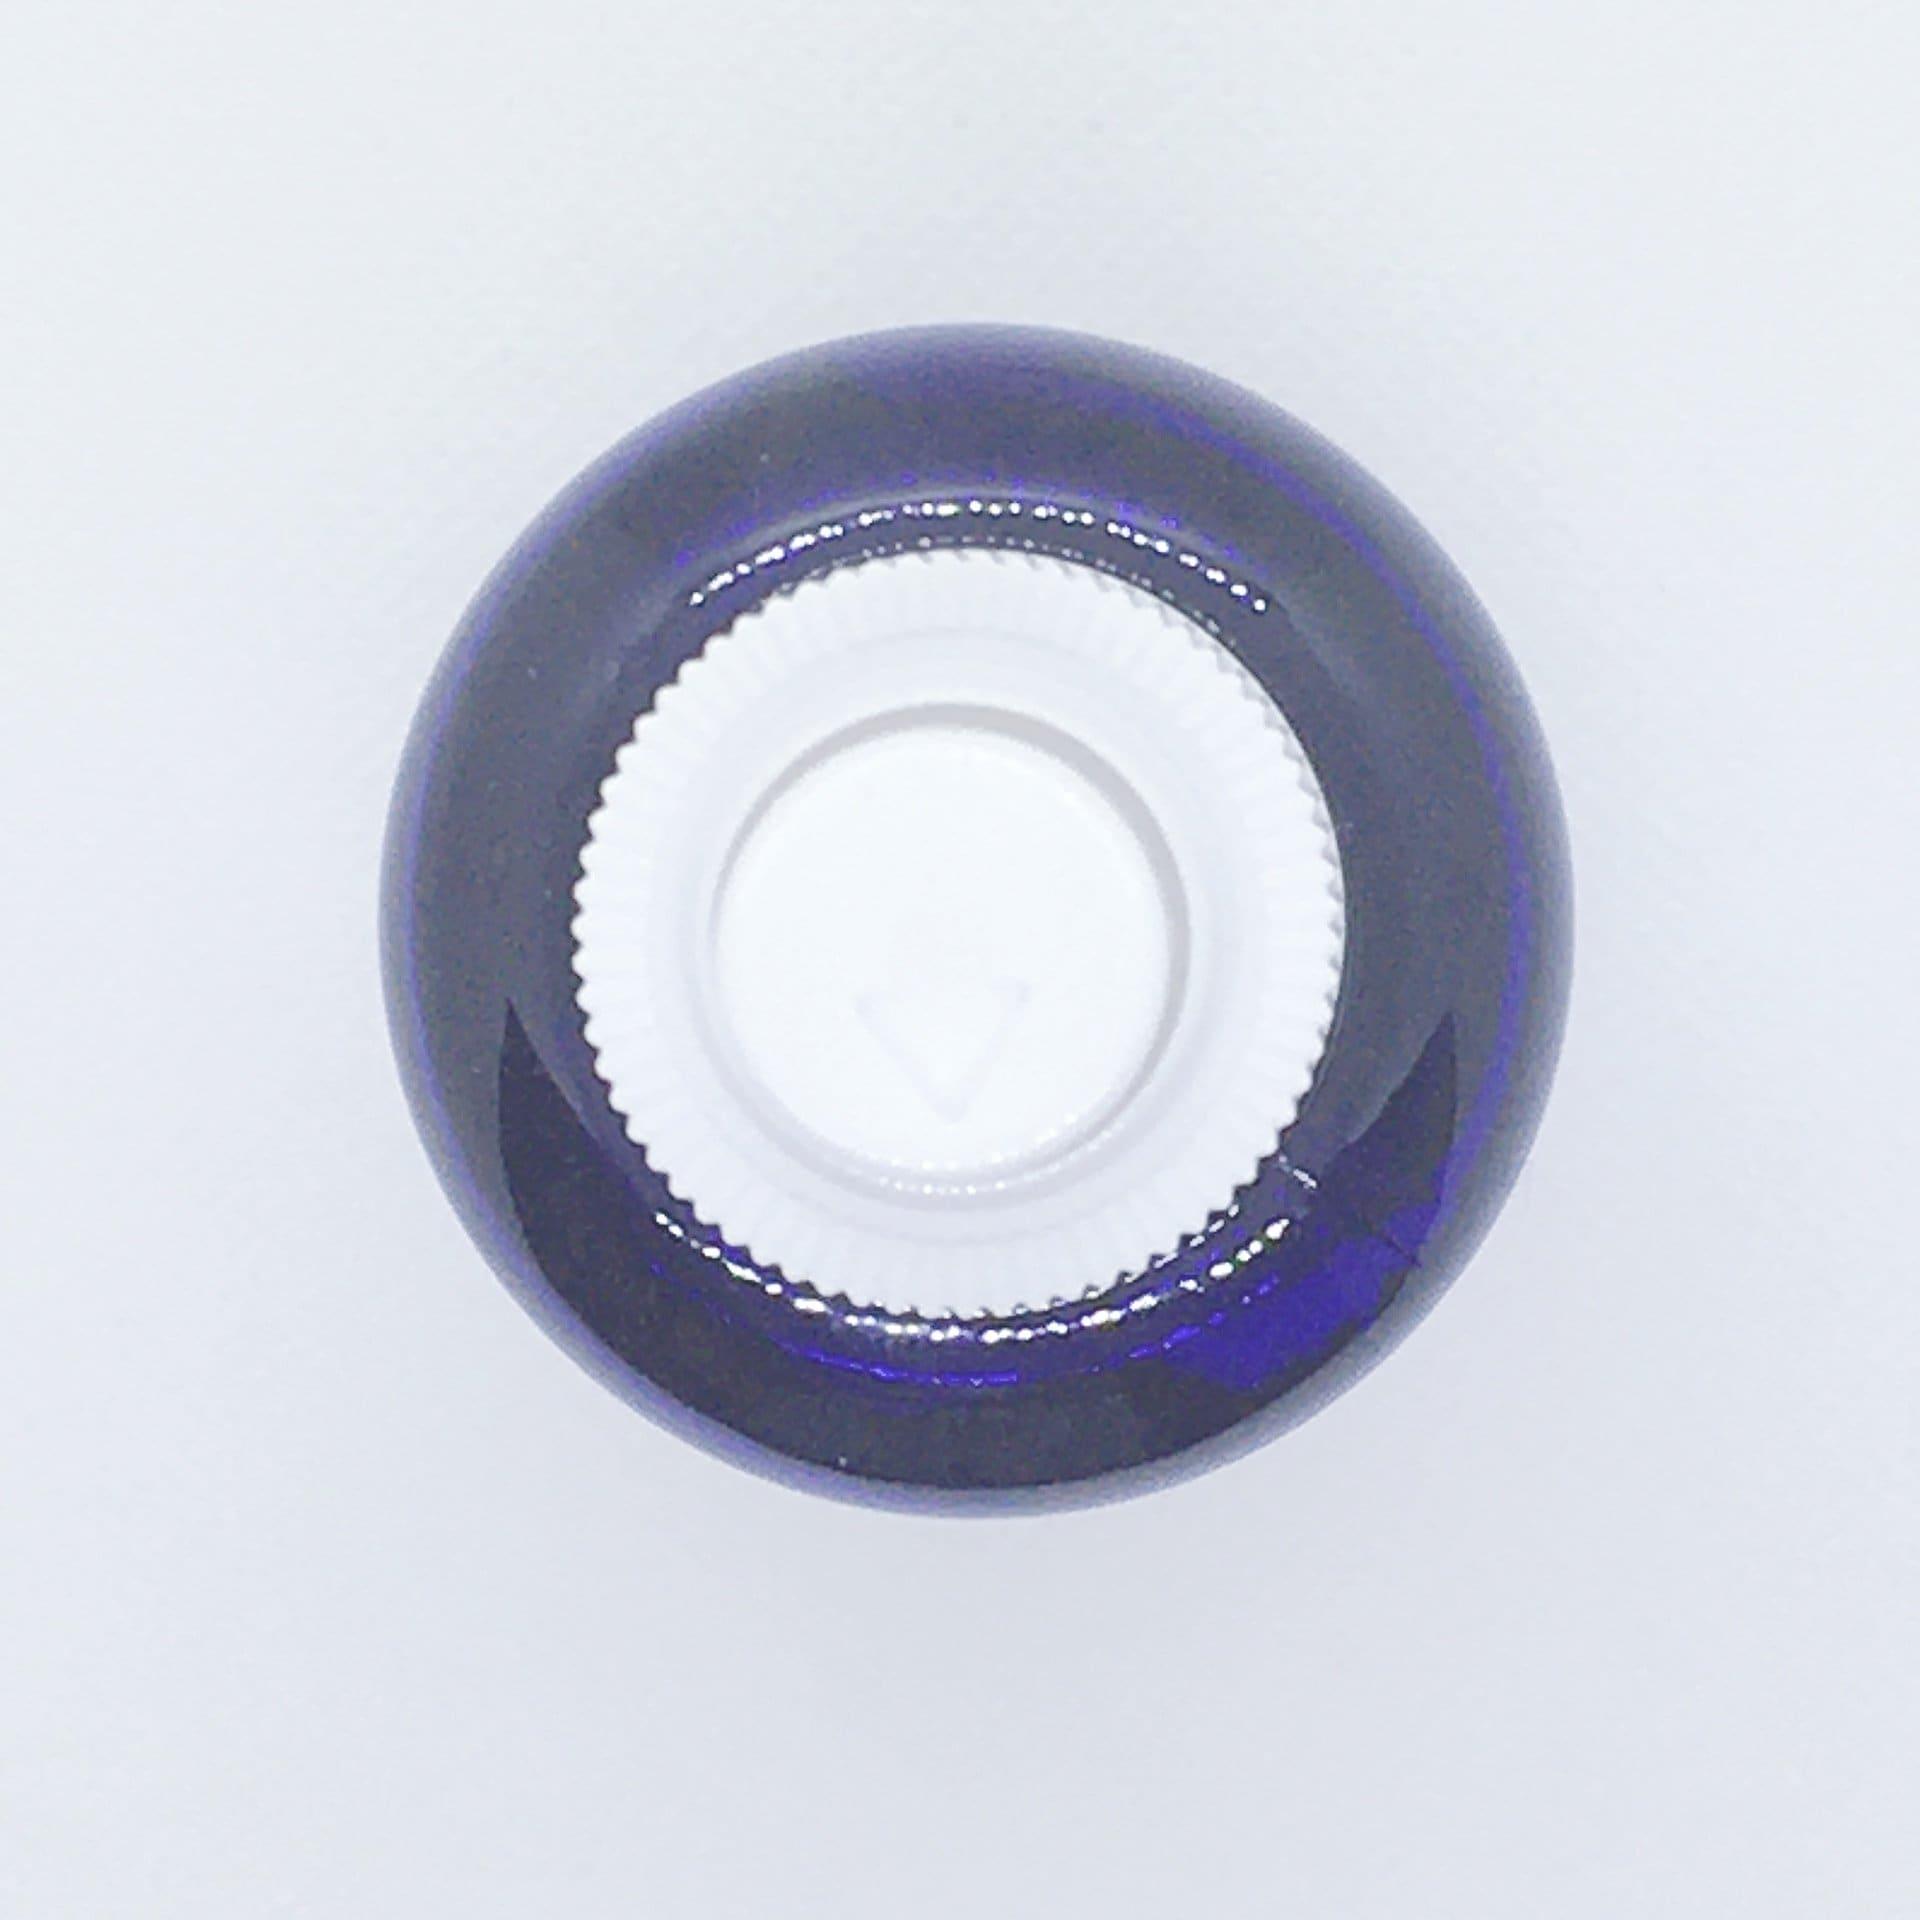 除菌 ガードウォーター 微酸性次亜塩素酸水 除菌消臭剤【安心】【安全】フィンガースプレー 持ち運び 携帯用 150mlのイメージその6